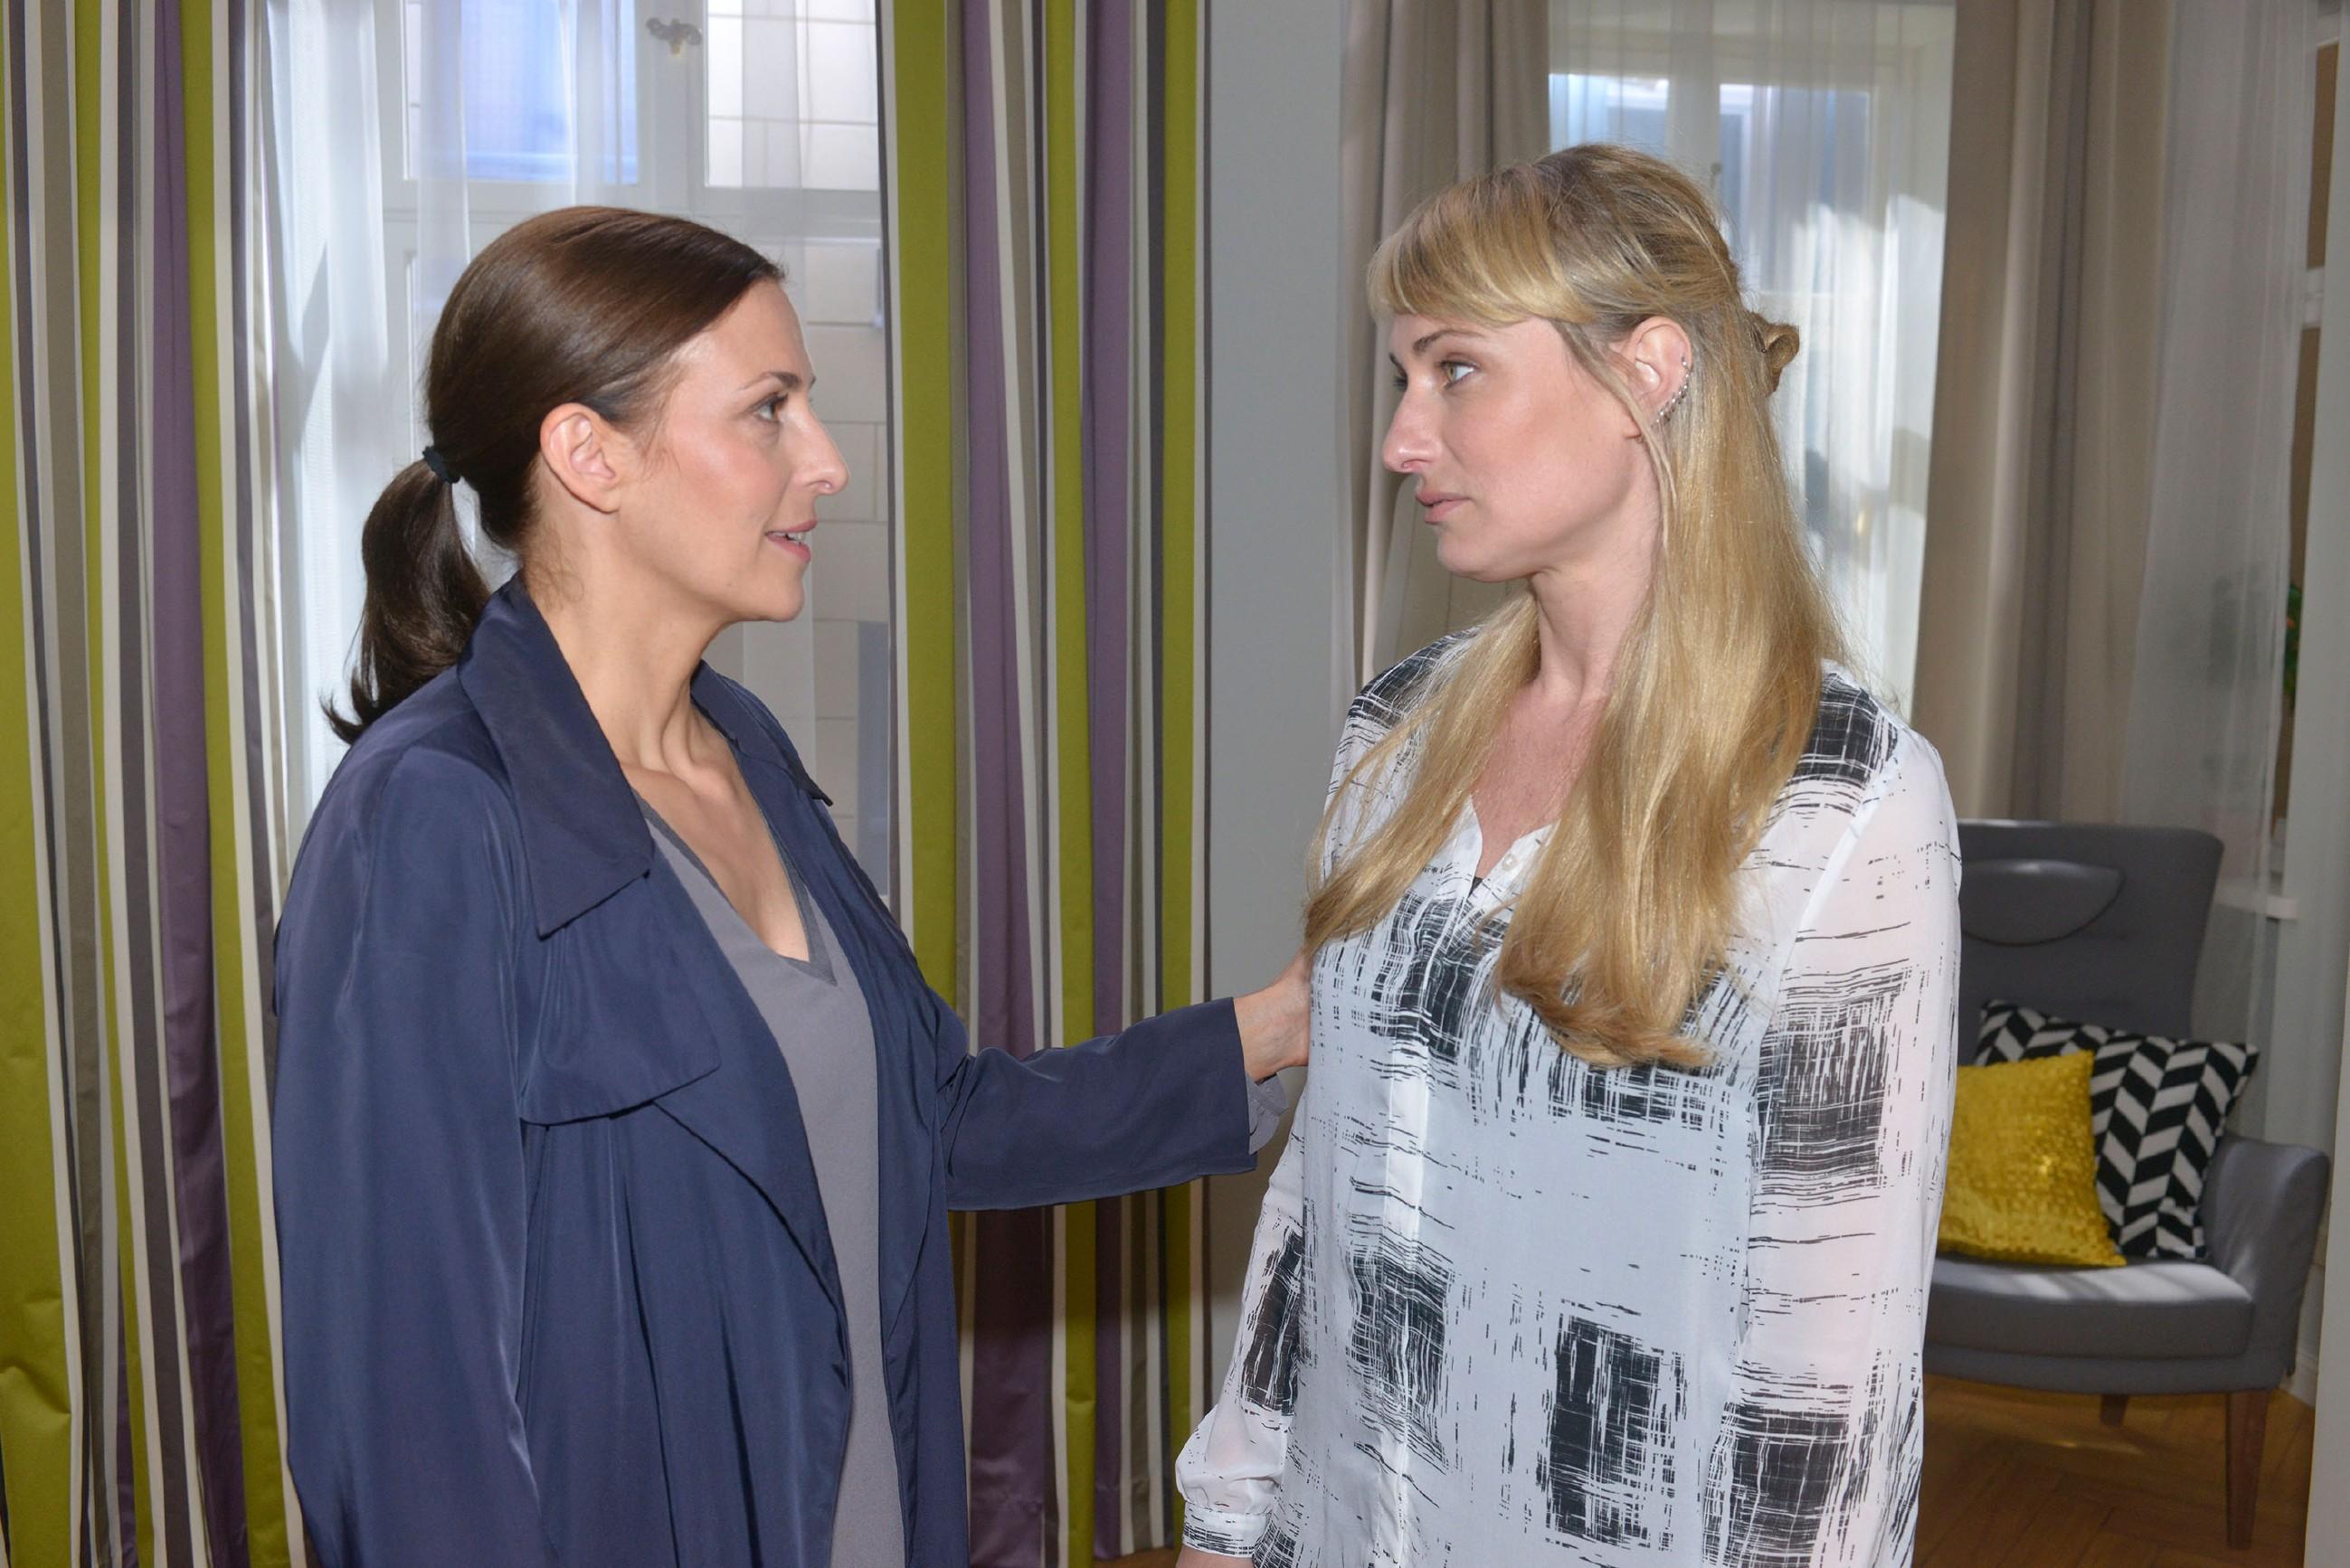 Katrins (Ulrike Frank, l.) erster Gang in Freiheit zu Maren (Eva Mona Rodekirchen), um ihrer Freundin zu danken und ihr Mut zuzusprechen, da Maren nun ein neuer Prozess erwartet. (Quelle: RTL / Rolf Baumgartner)